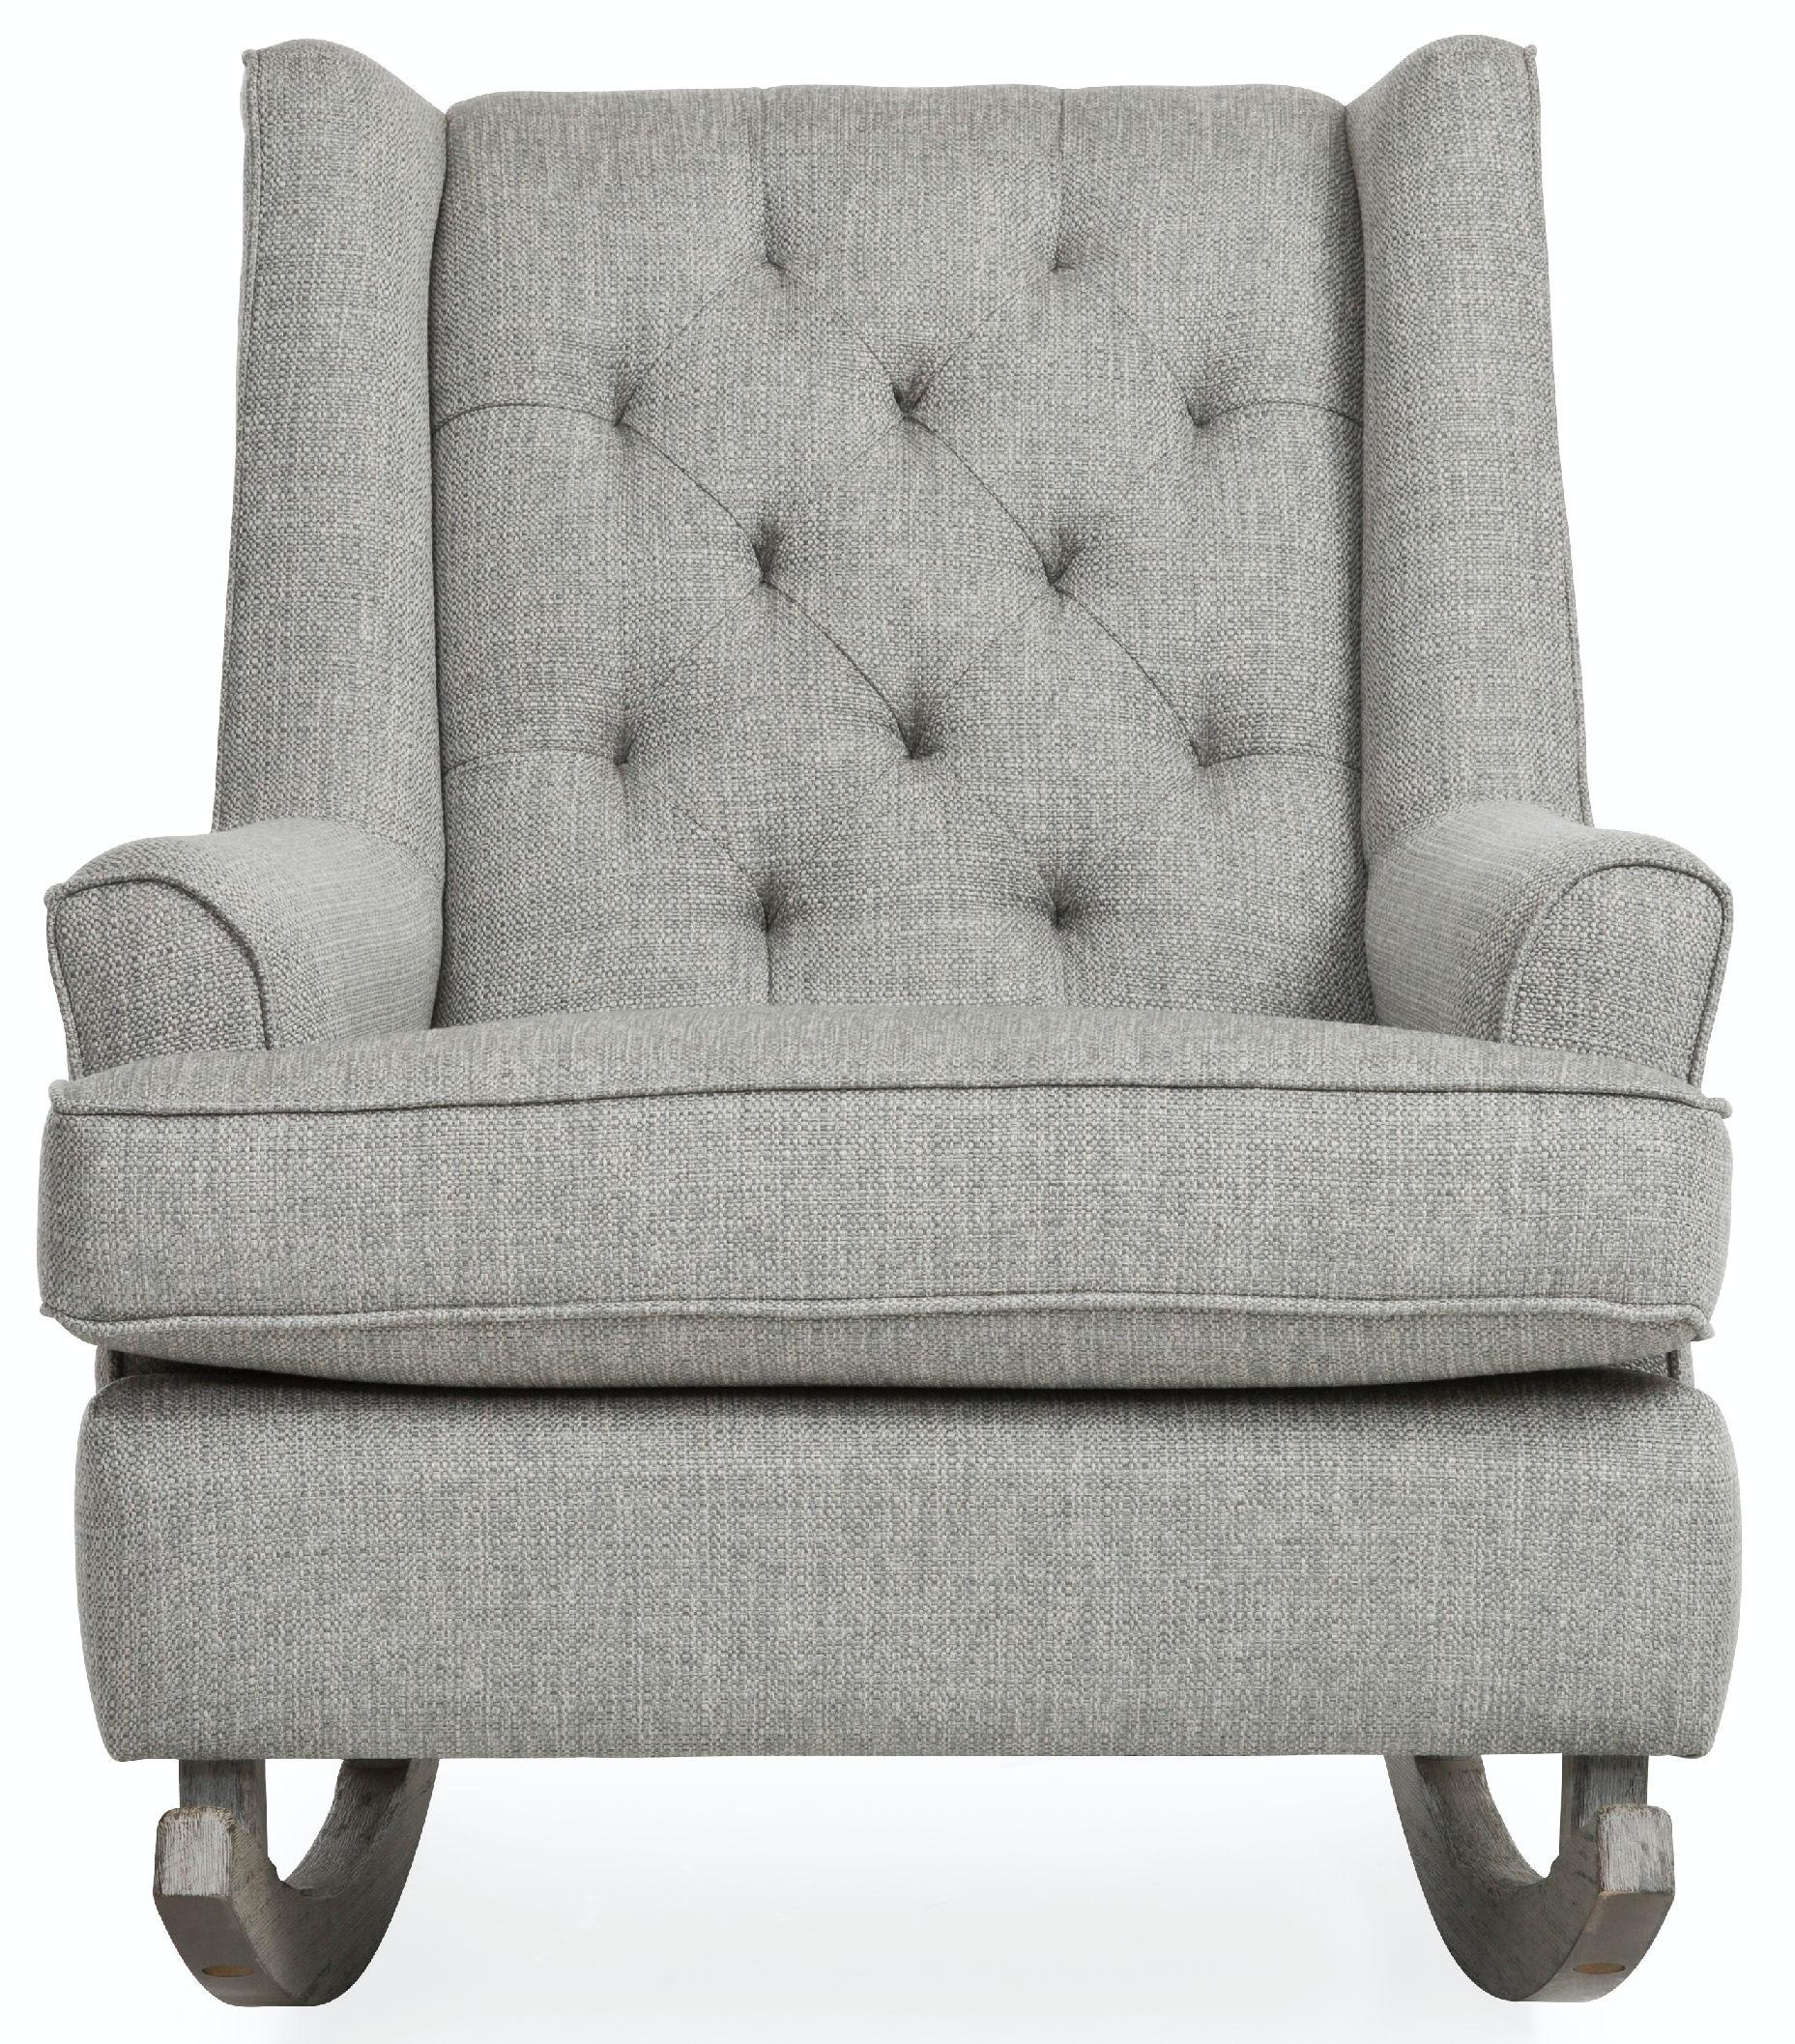 Tufted Club Rocker Chair ST:471301